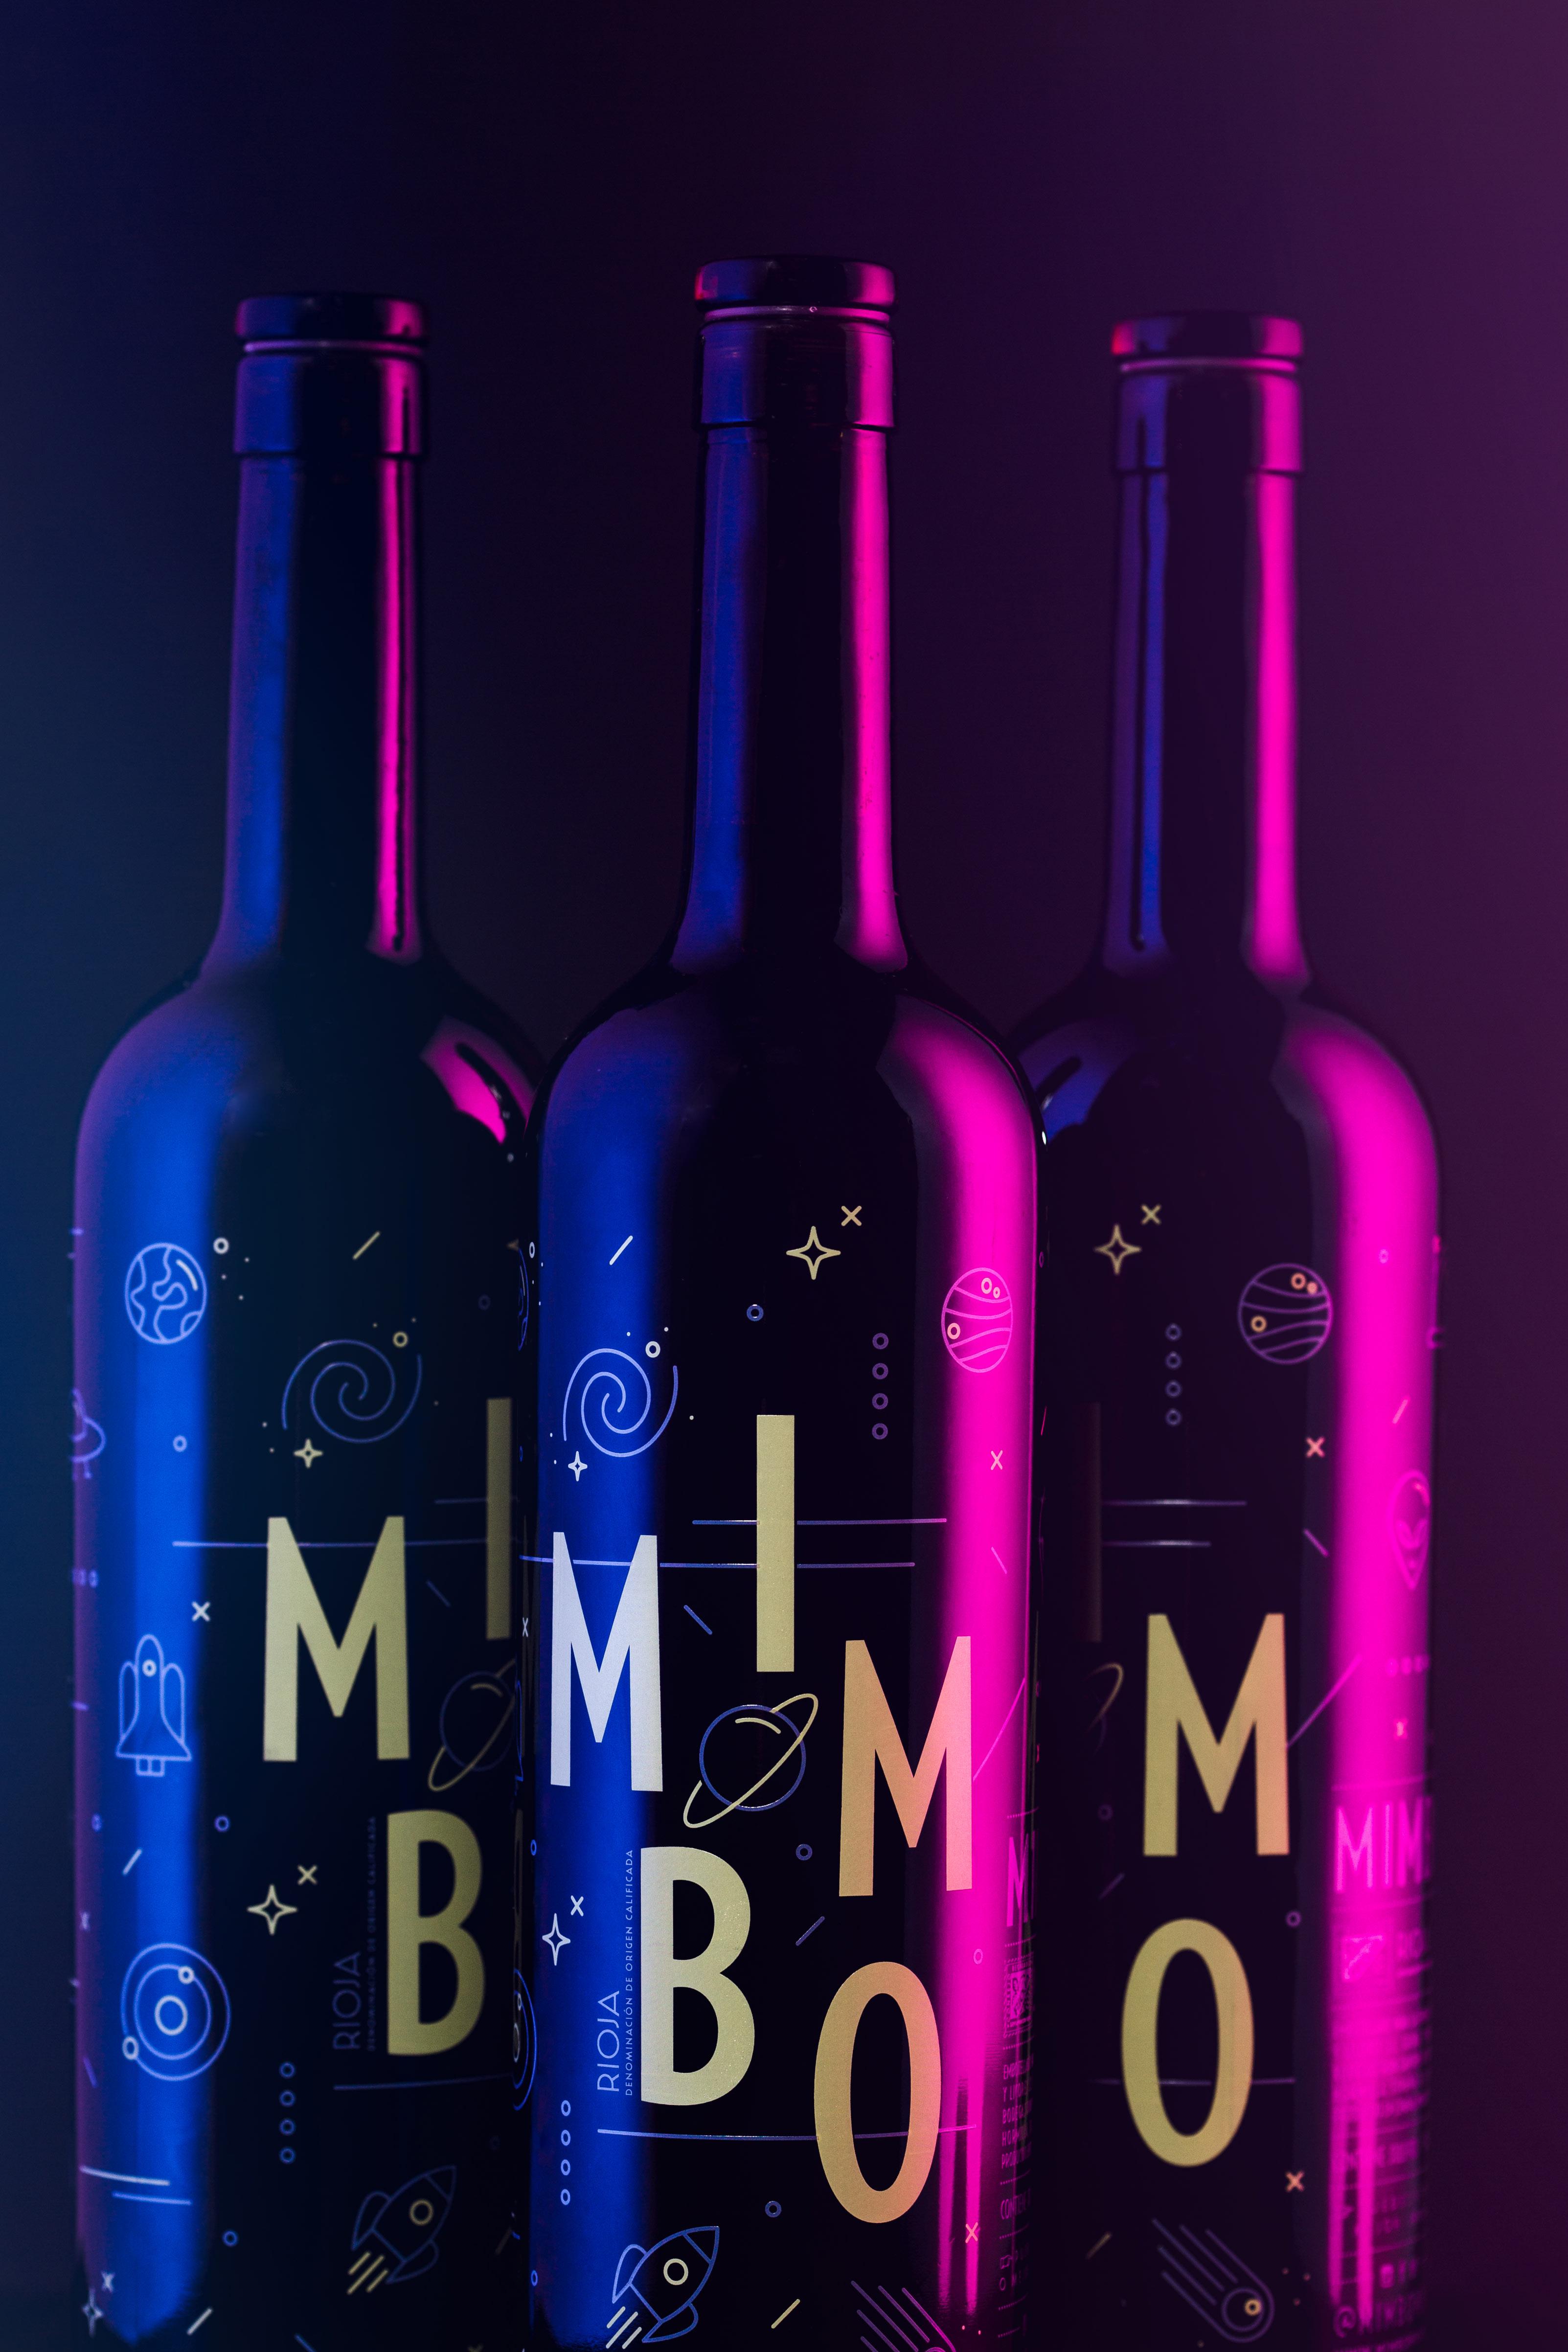 Fotografia de Producto Zaragoza Publicidad Vino Mimbo Tres Botellas detalle